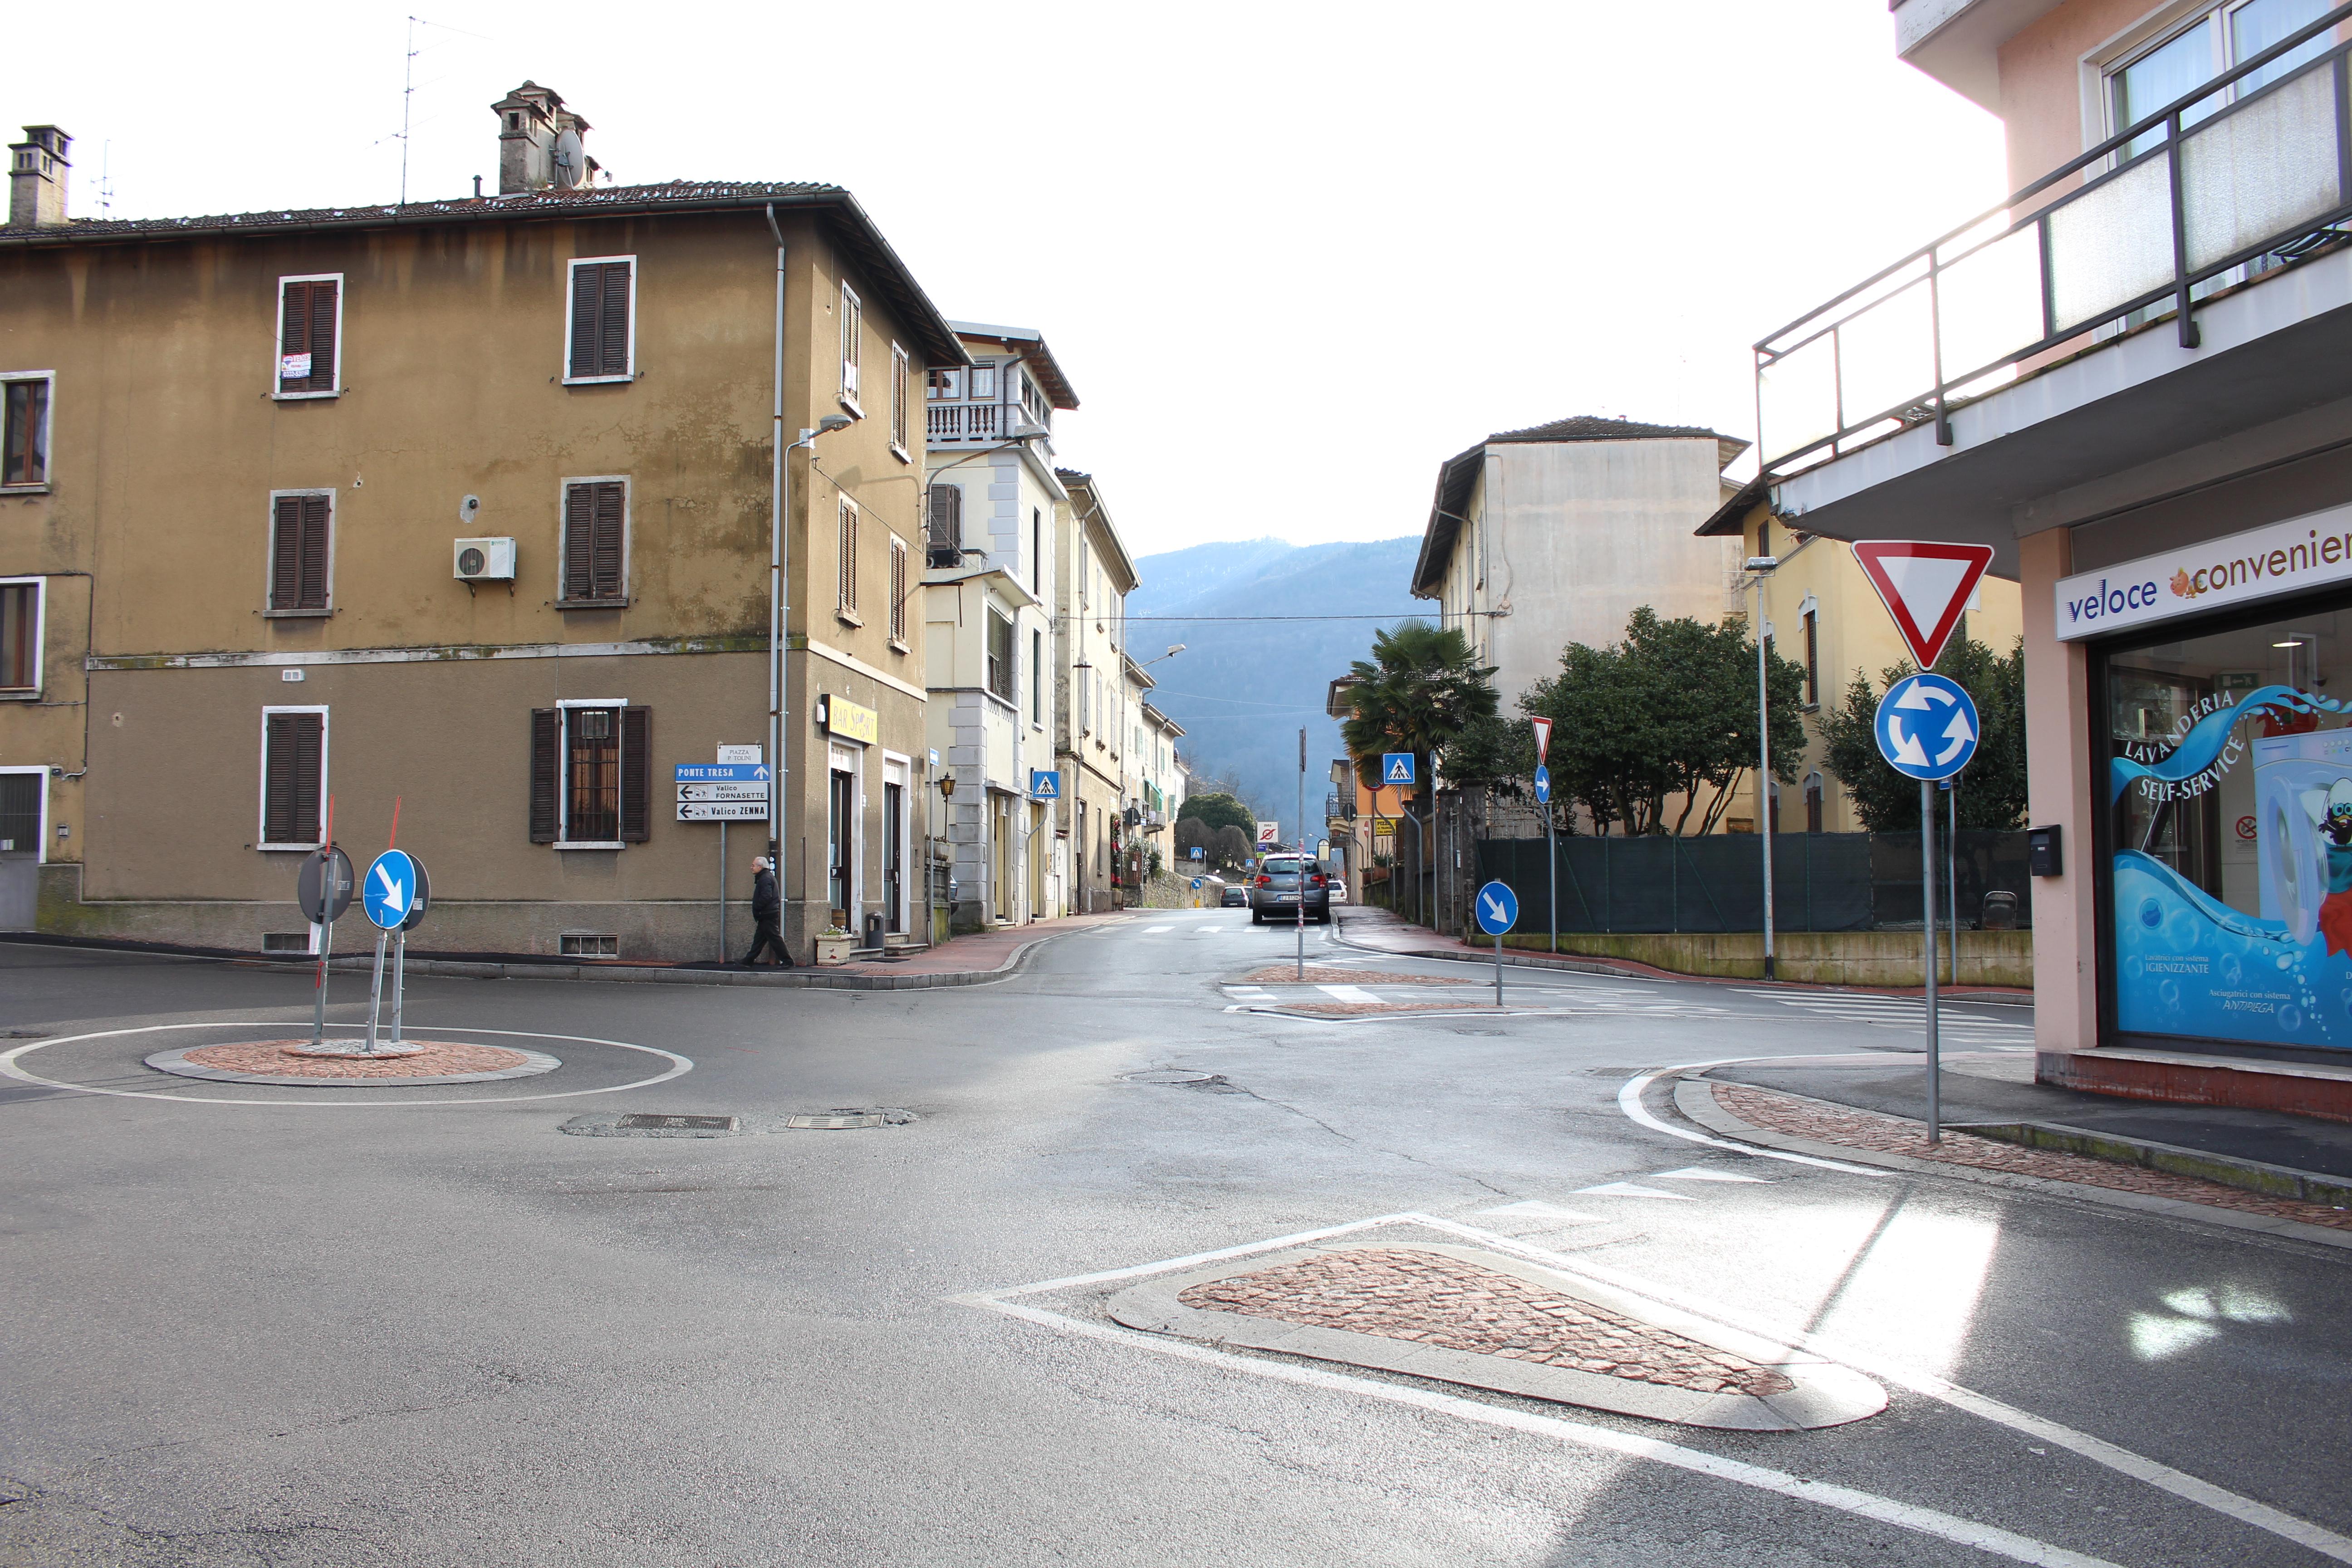 La rotonda tra Piazza Tolini e via Creva